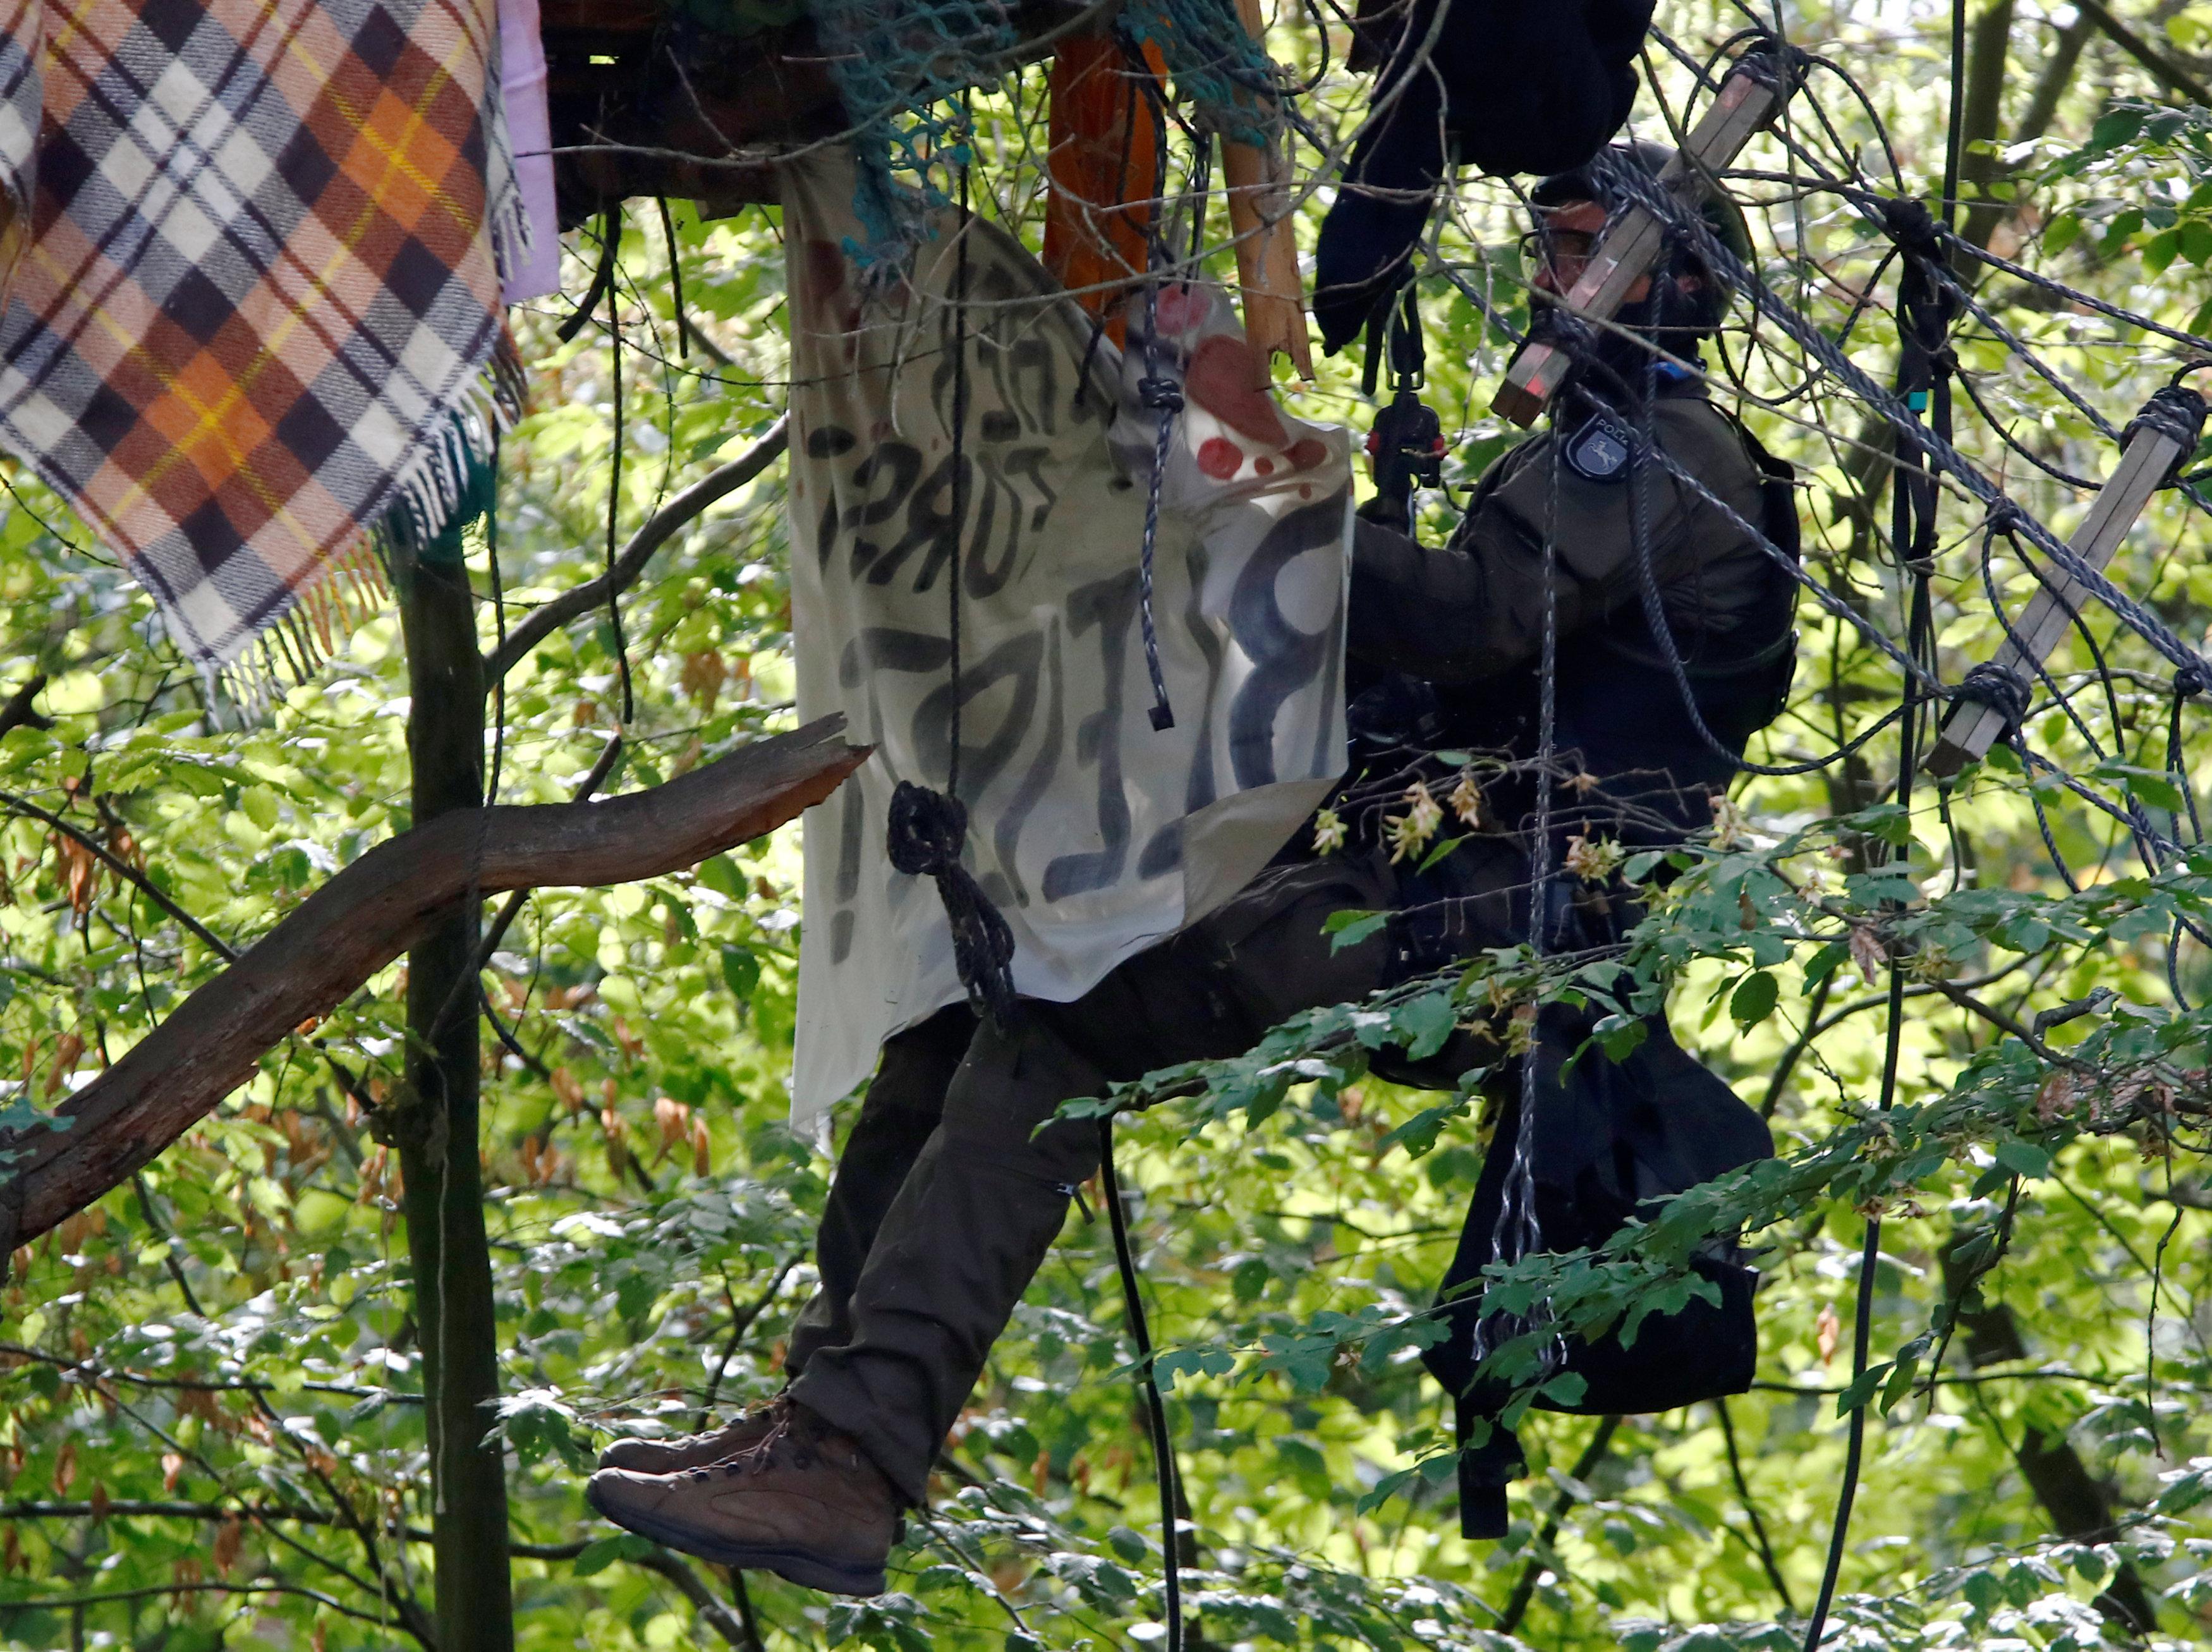 فرد من الشرطة الألمانية يتسلق فوق أحد أشجار الغابة لإزالة اللافتات